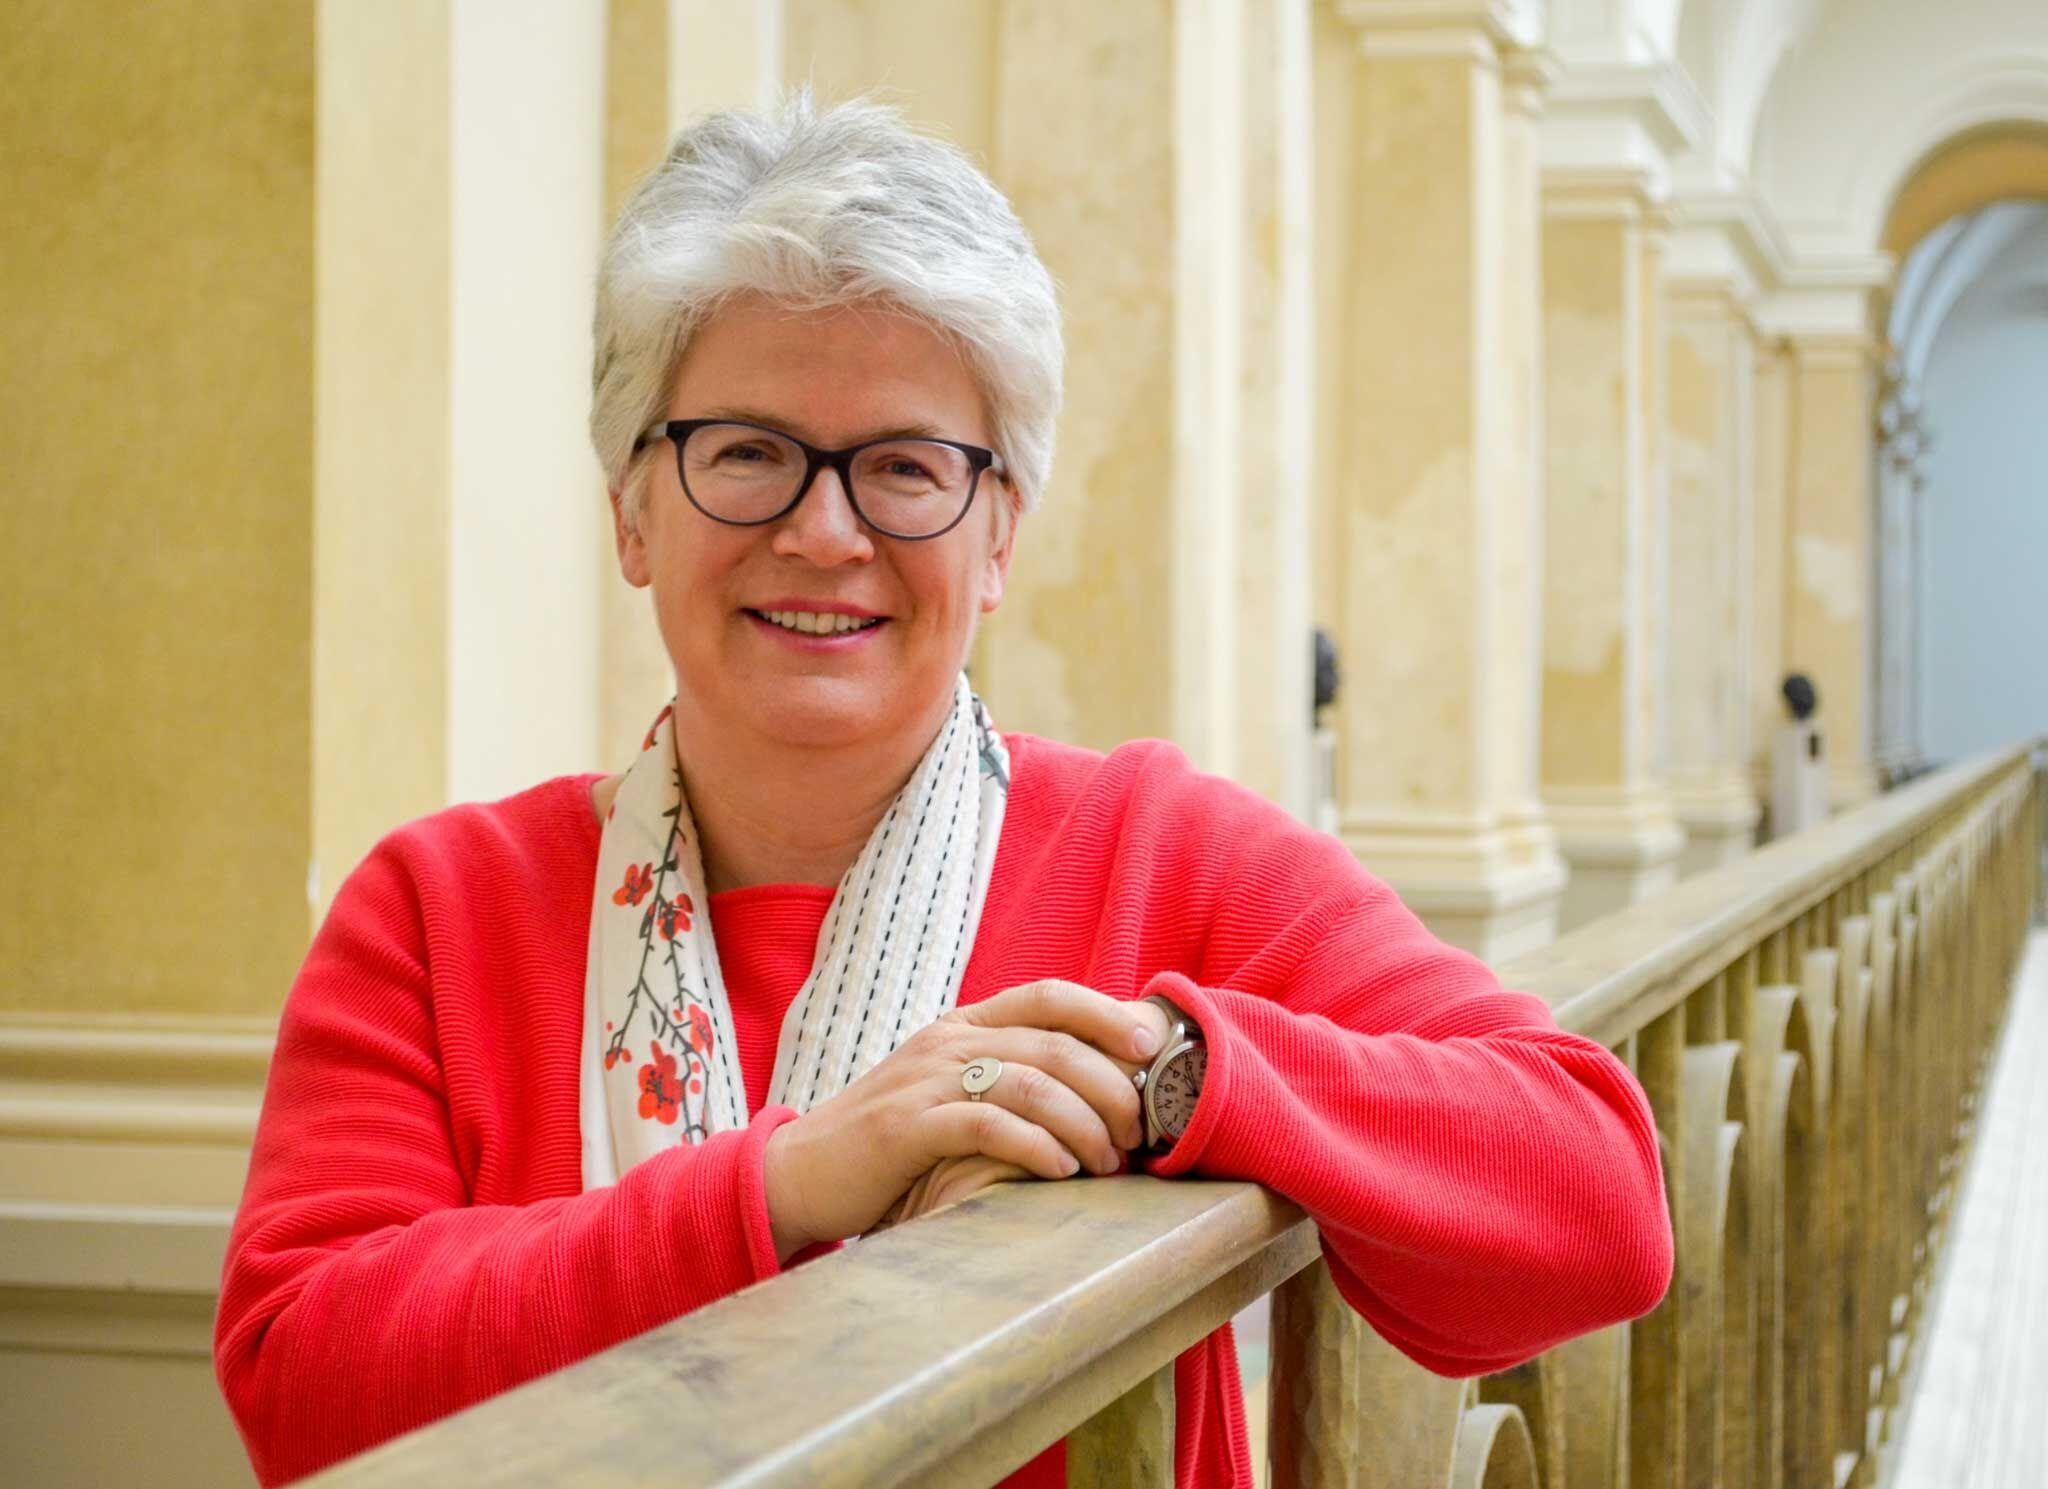 Stefanie Remlinger, MdA | Stellvertretende Fraktionsvorsitzende, Sprecherin für Berufliche Bildung und Bildungsfinanzierung, Sprecherin für Haushalt | Grüne Fraktion Berlin